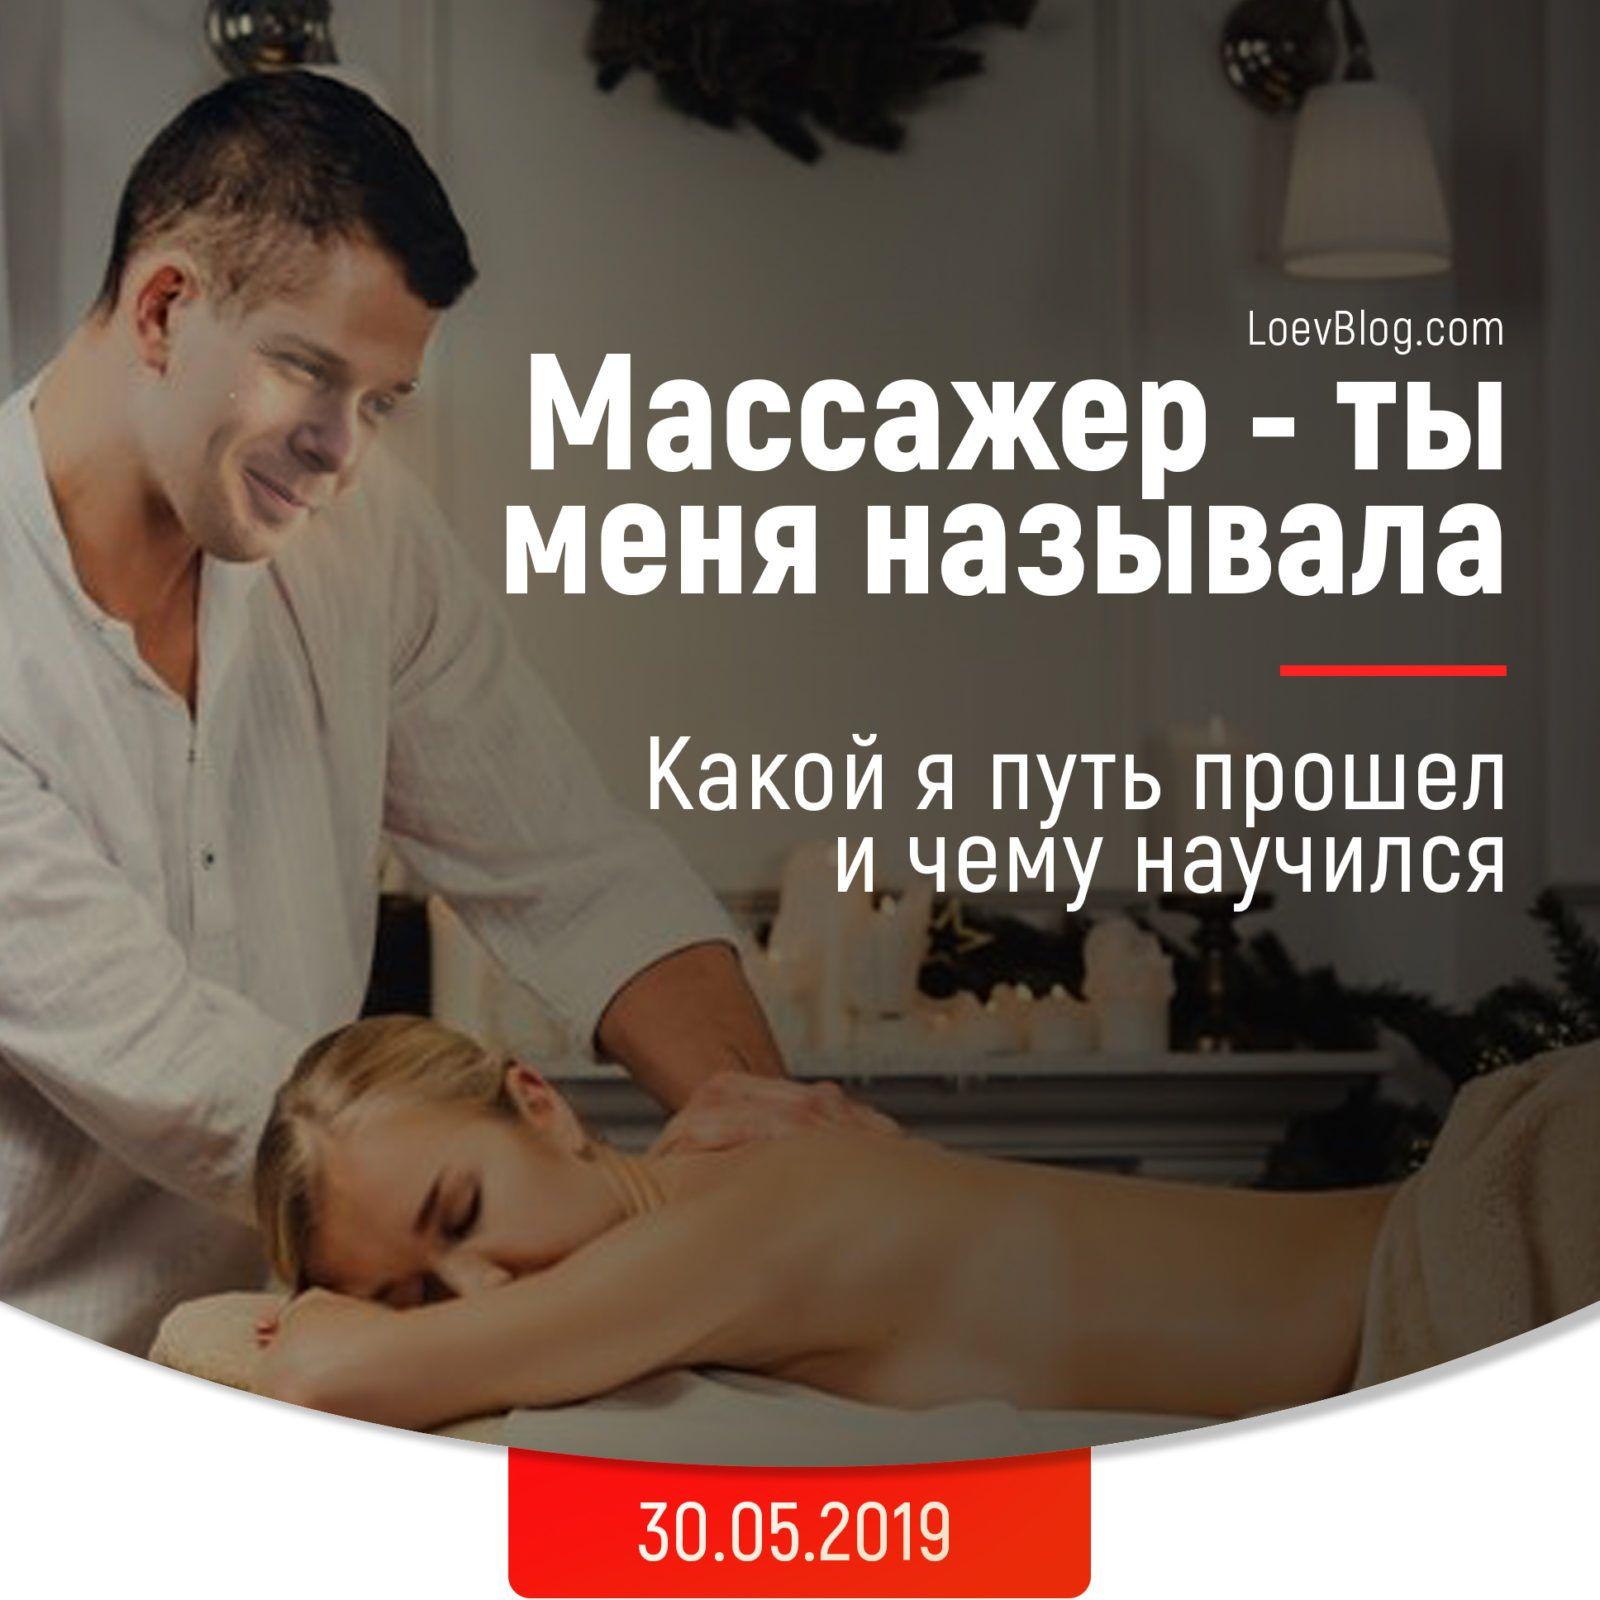 Массажер - ты меня называла. Школа массажа И.И. Войтенко. Отзывы 7